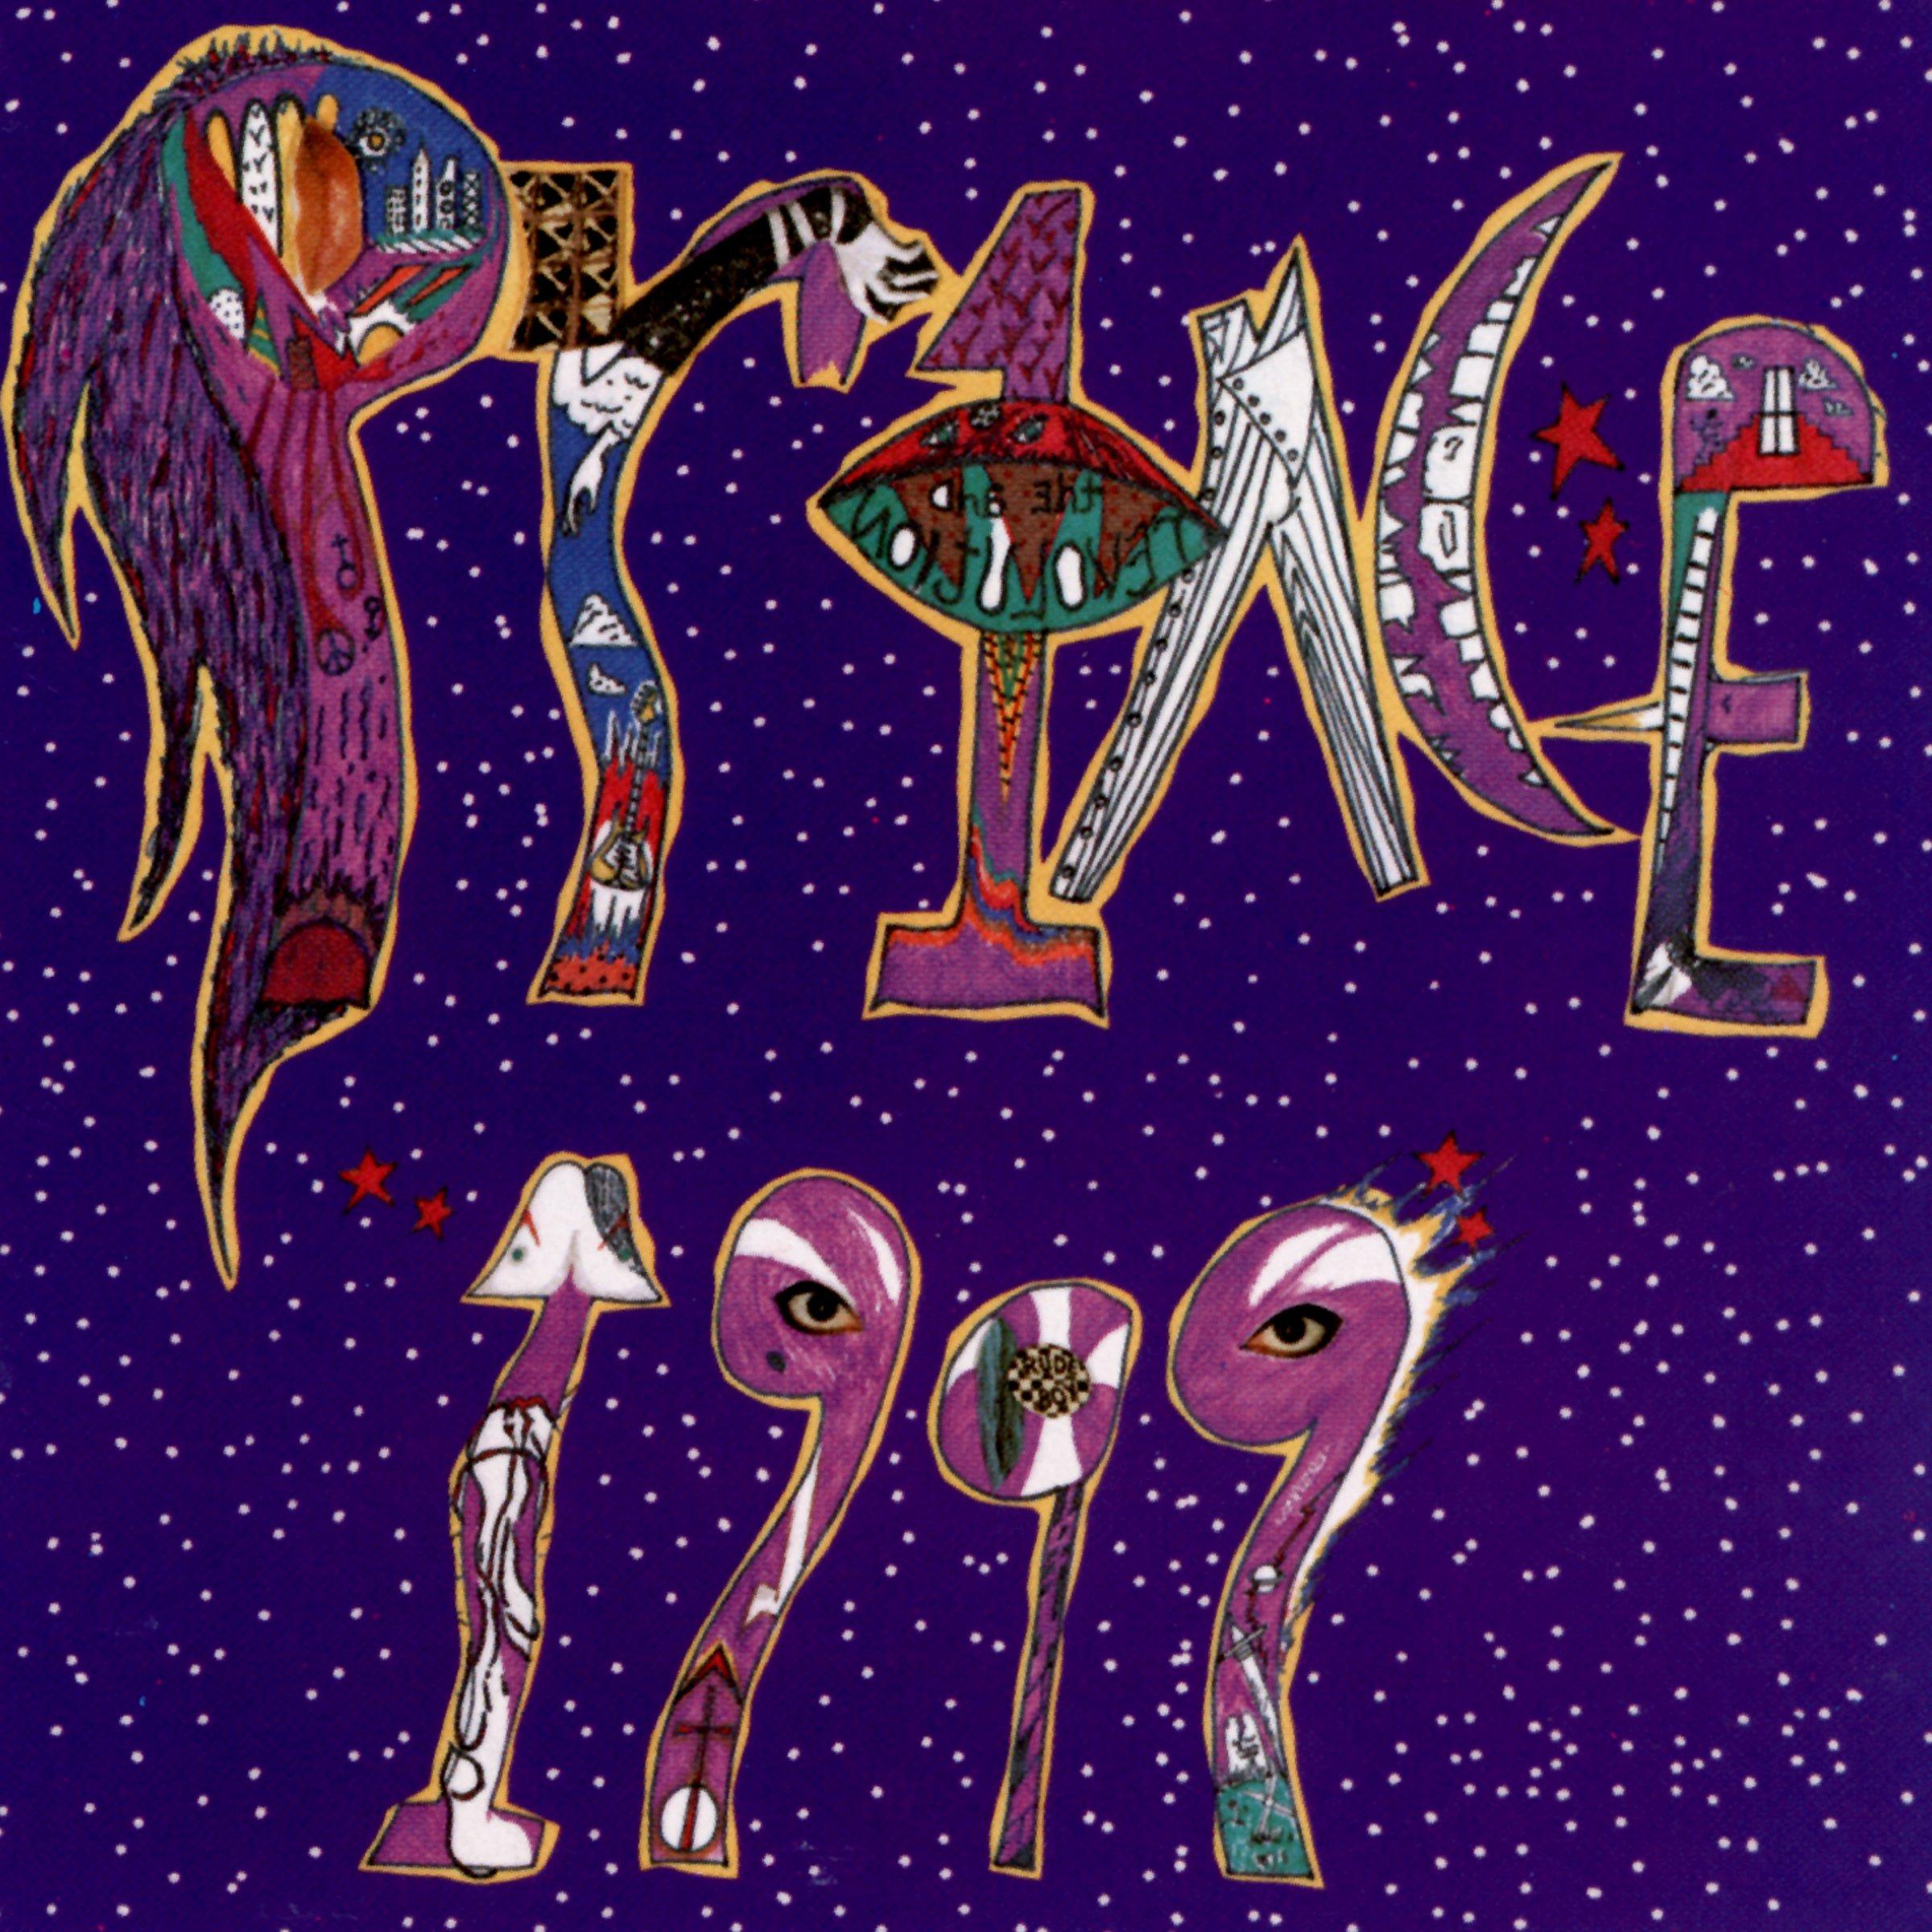 CD : Prince - 1999 (CD)